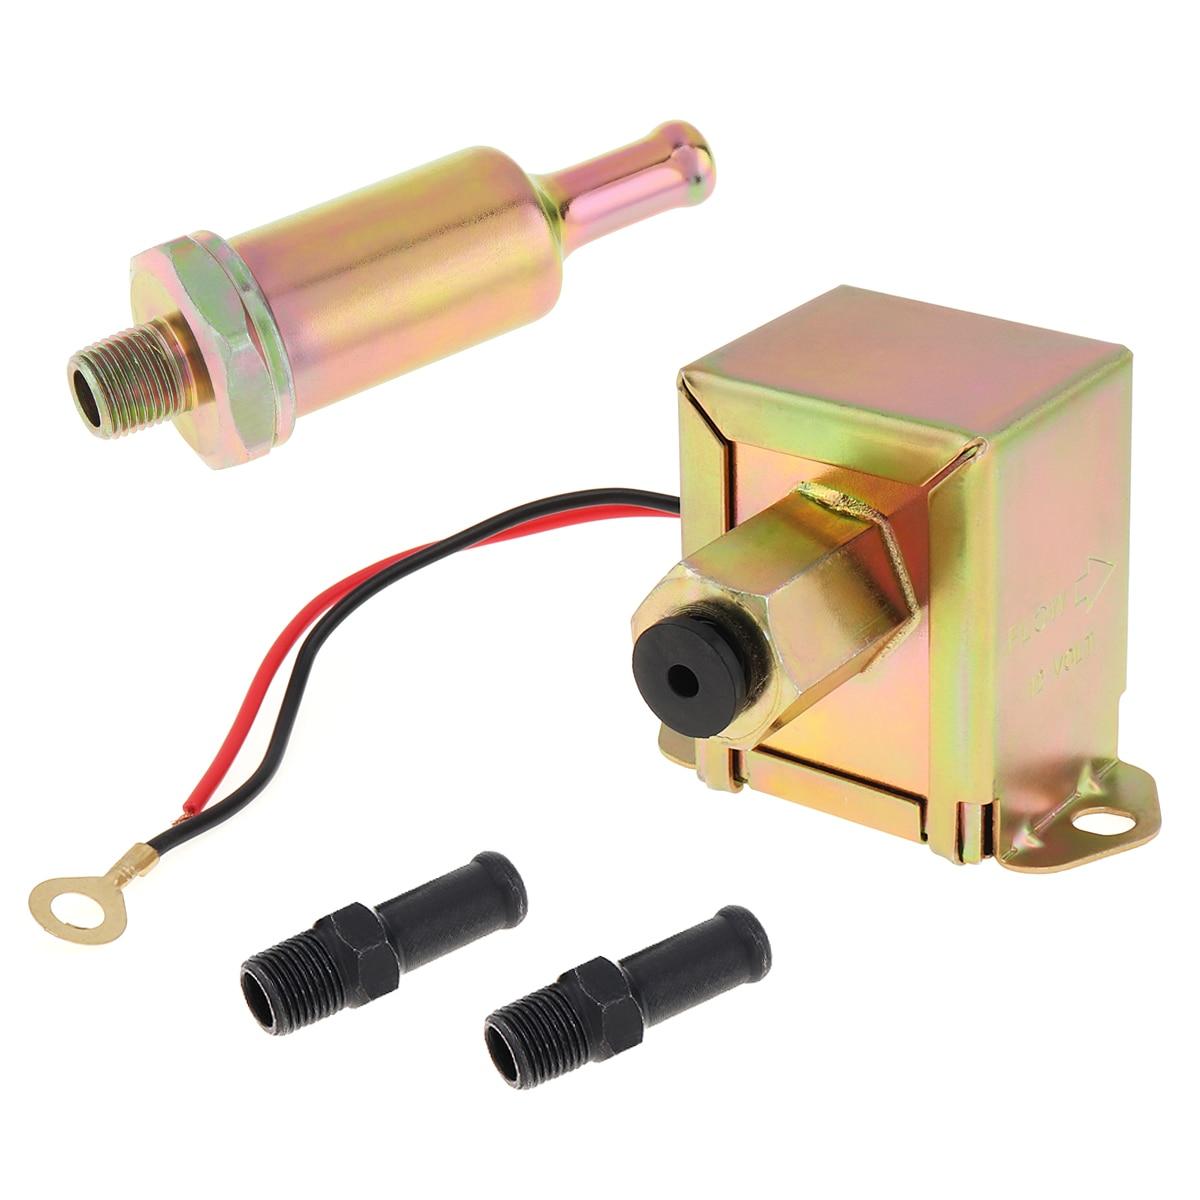 Bomba de combustible de Metal Universal de gasolina y gasolina de 12V 3797522 4299544 de baja presión con 2psi-6psi compatible con Toyota